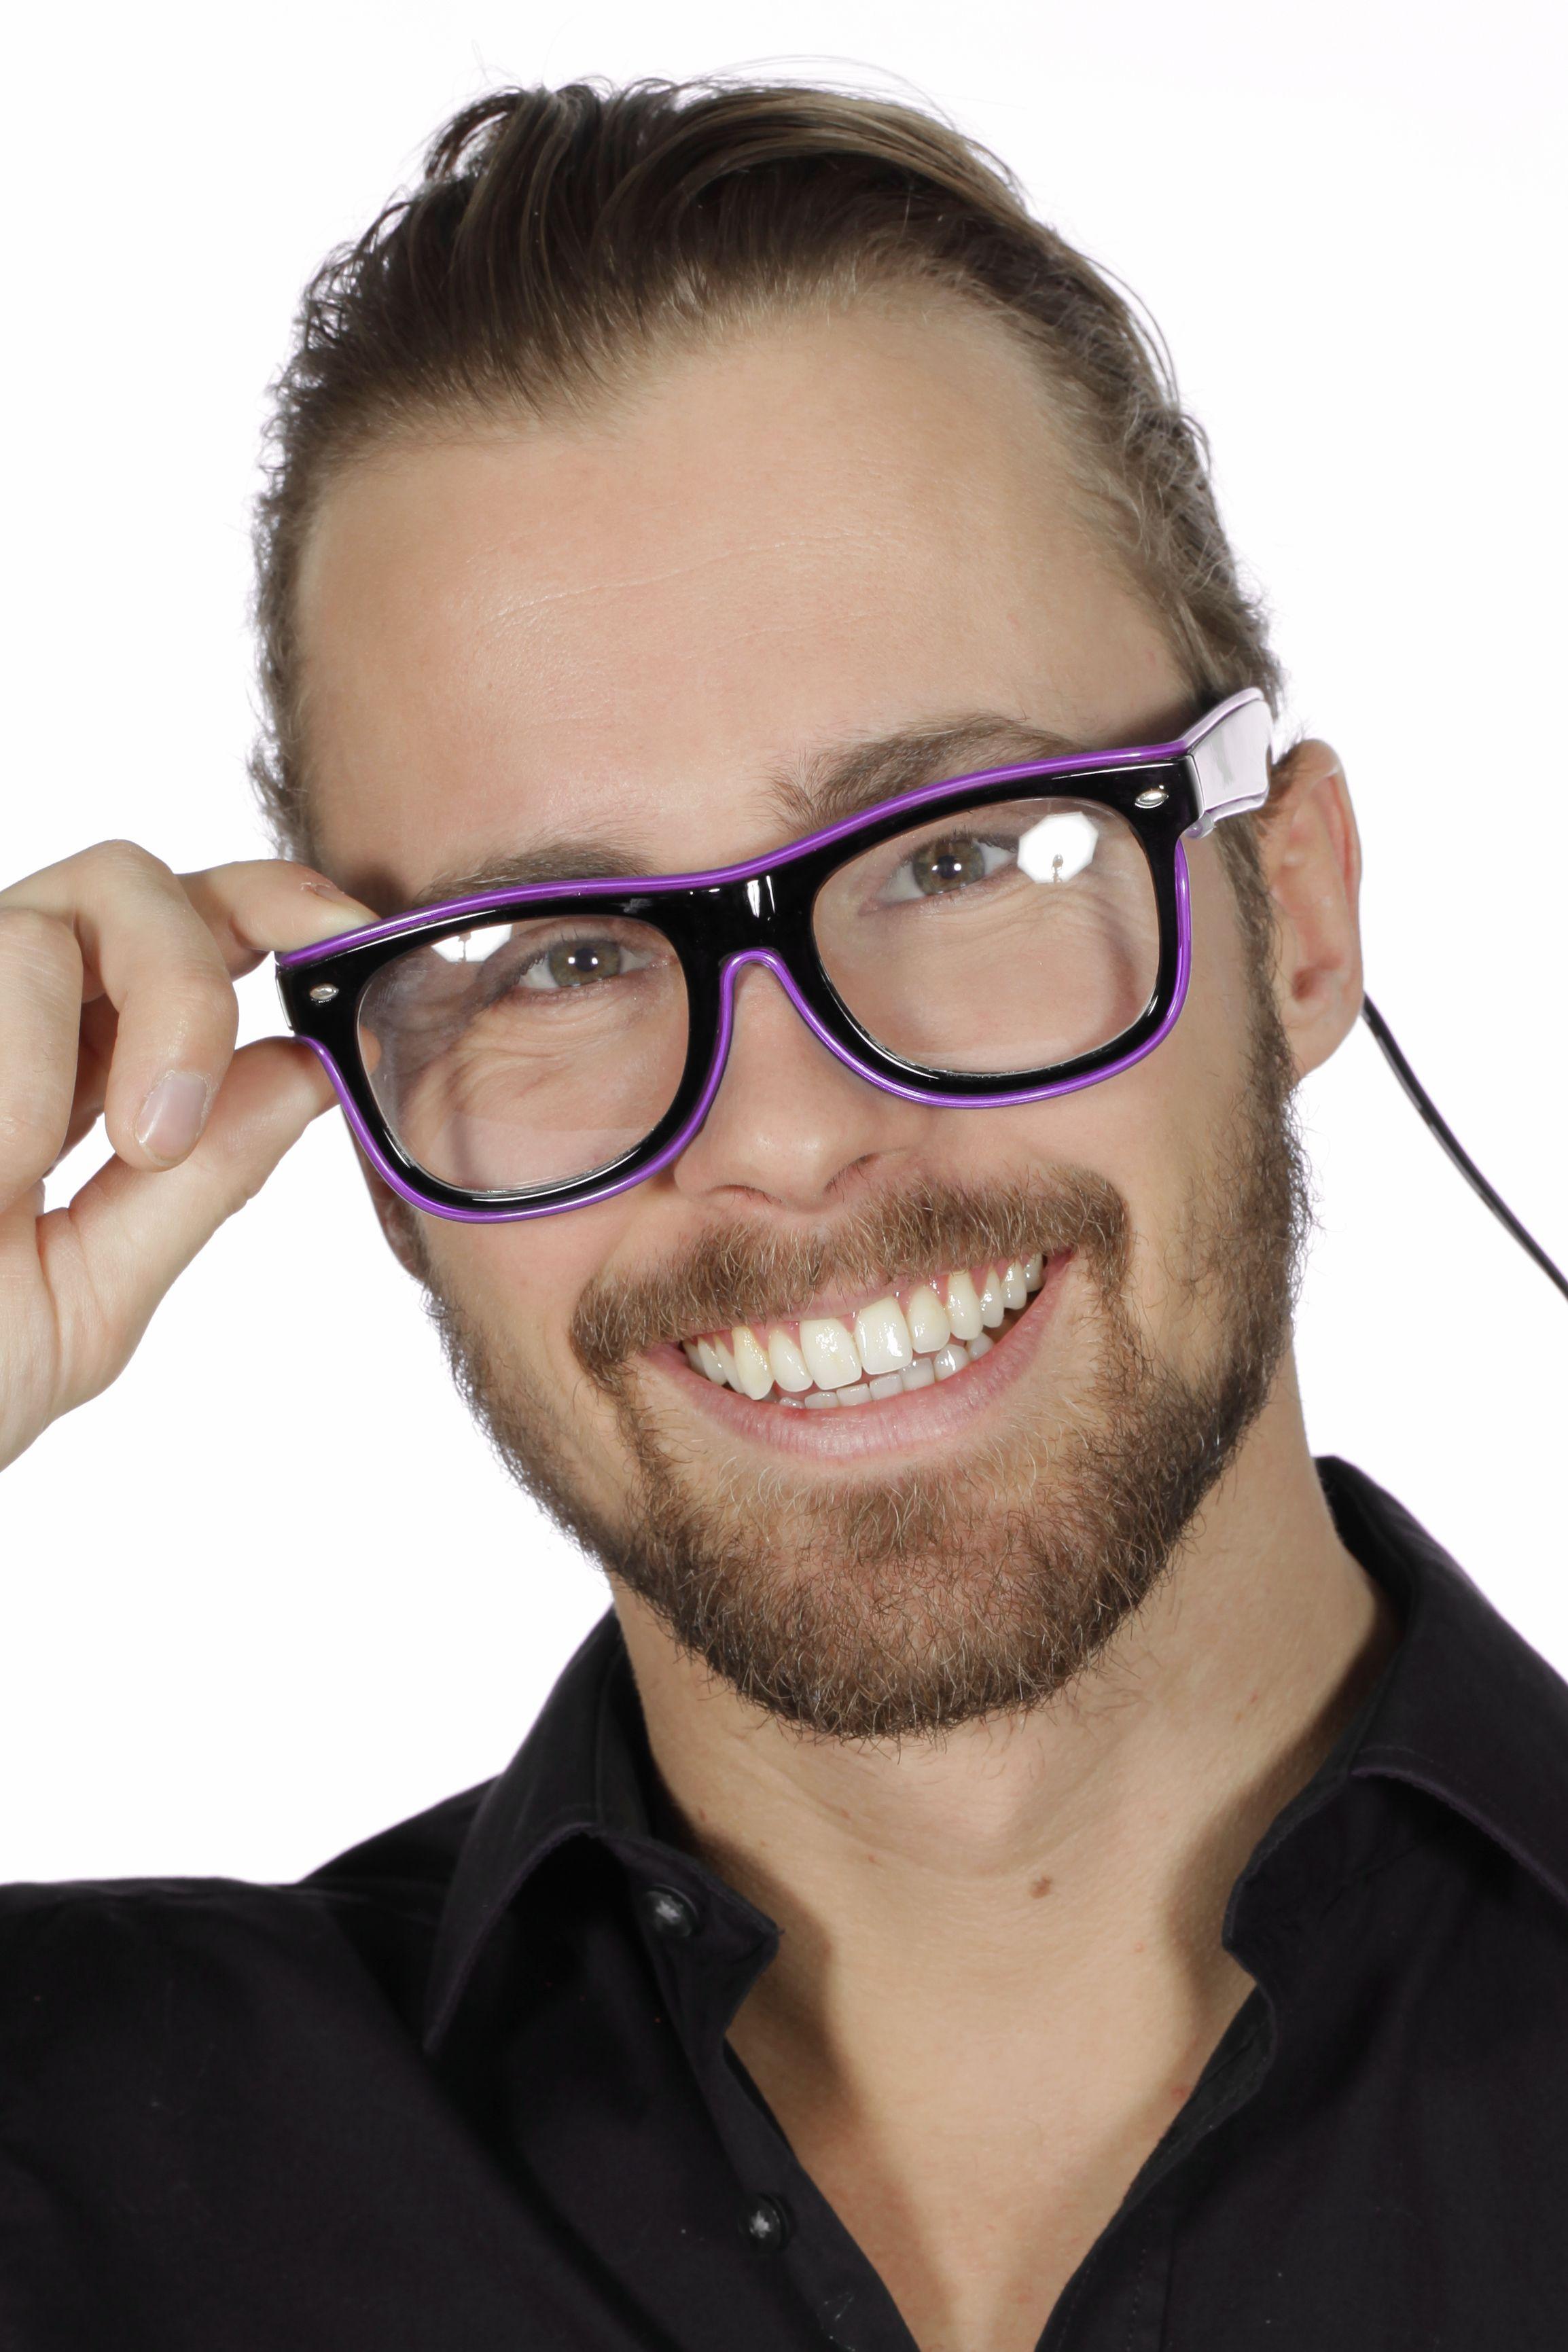 Bril met paars licht